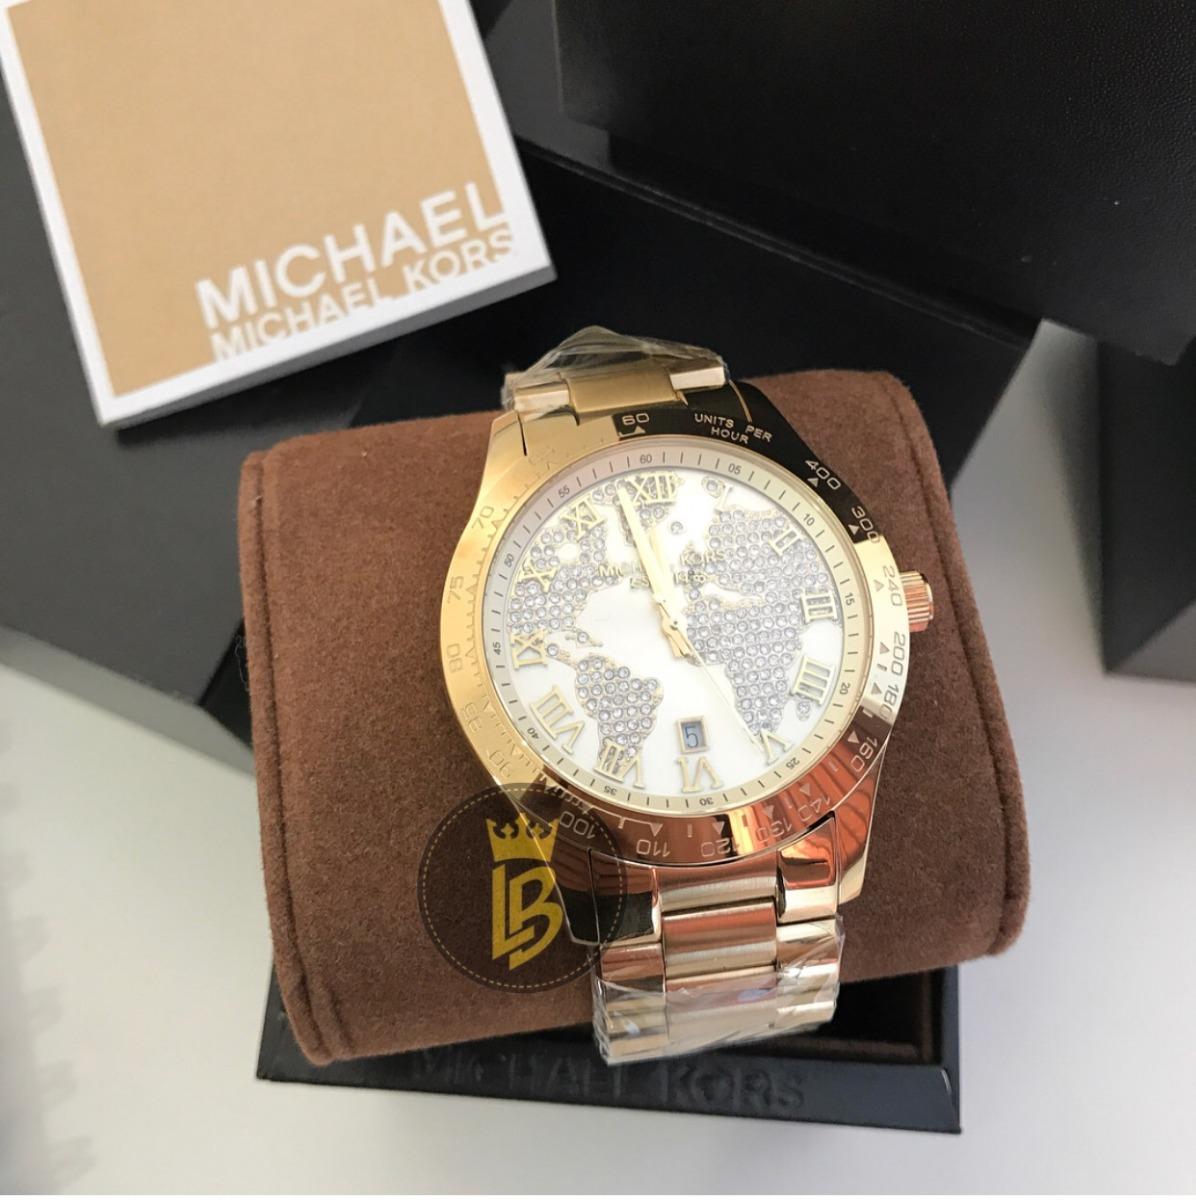 7a92e968fe7 Relógio Michael Kors Mk5959 Frete Grátis